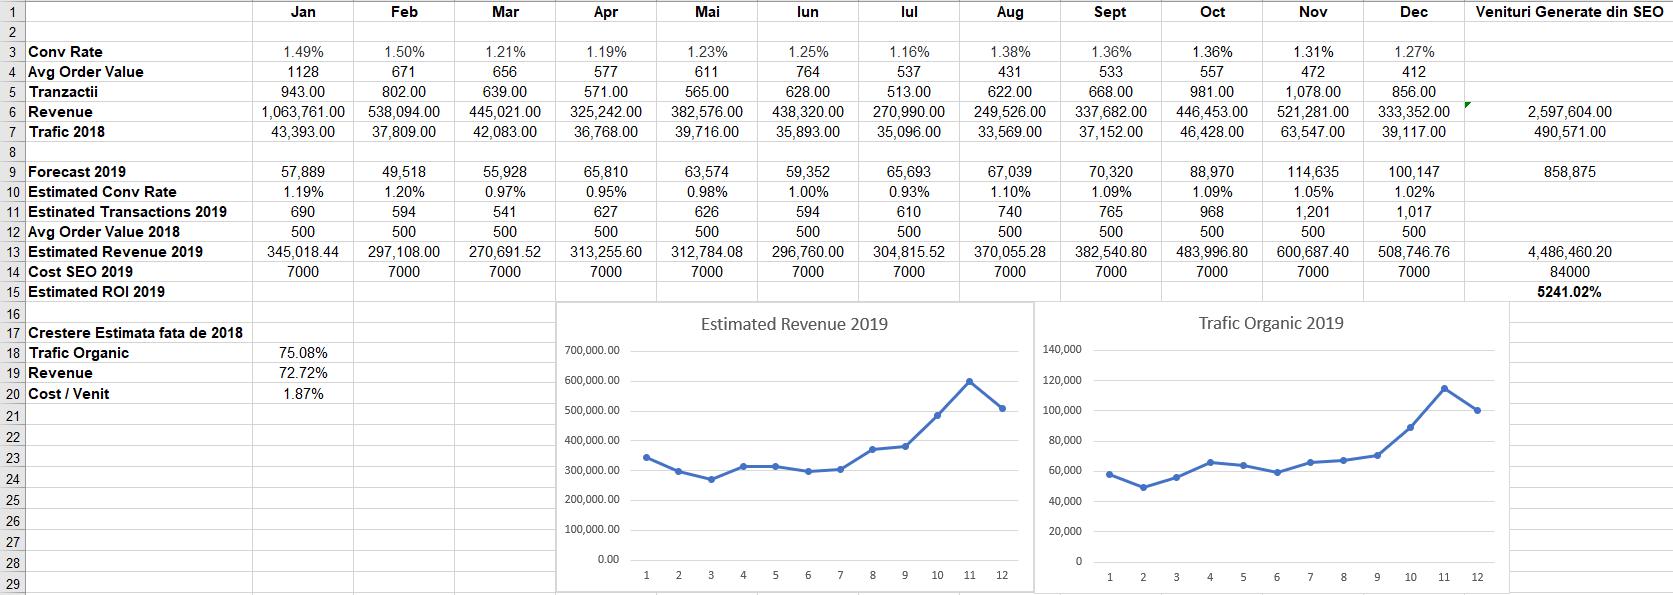 forecast revenue si ROI